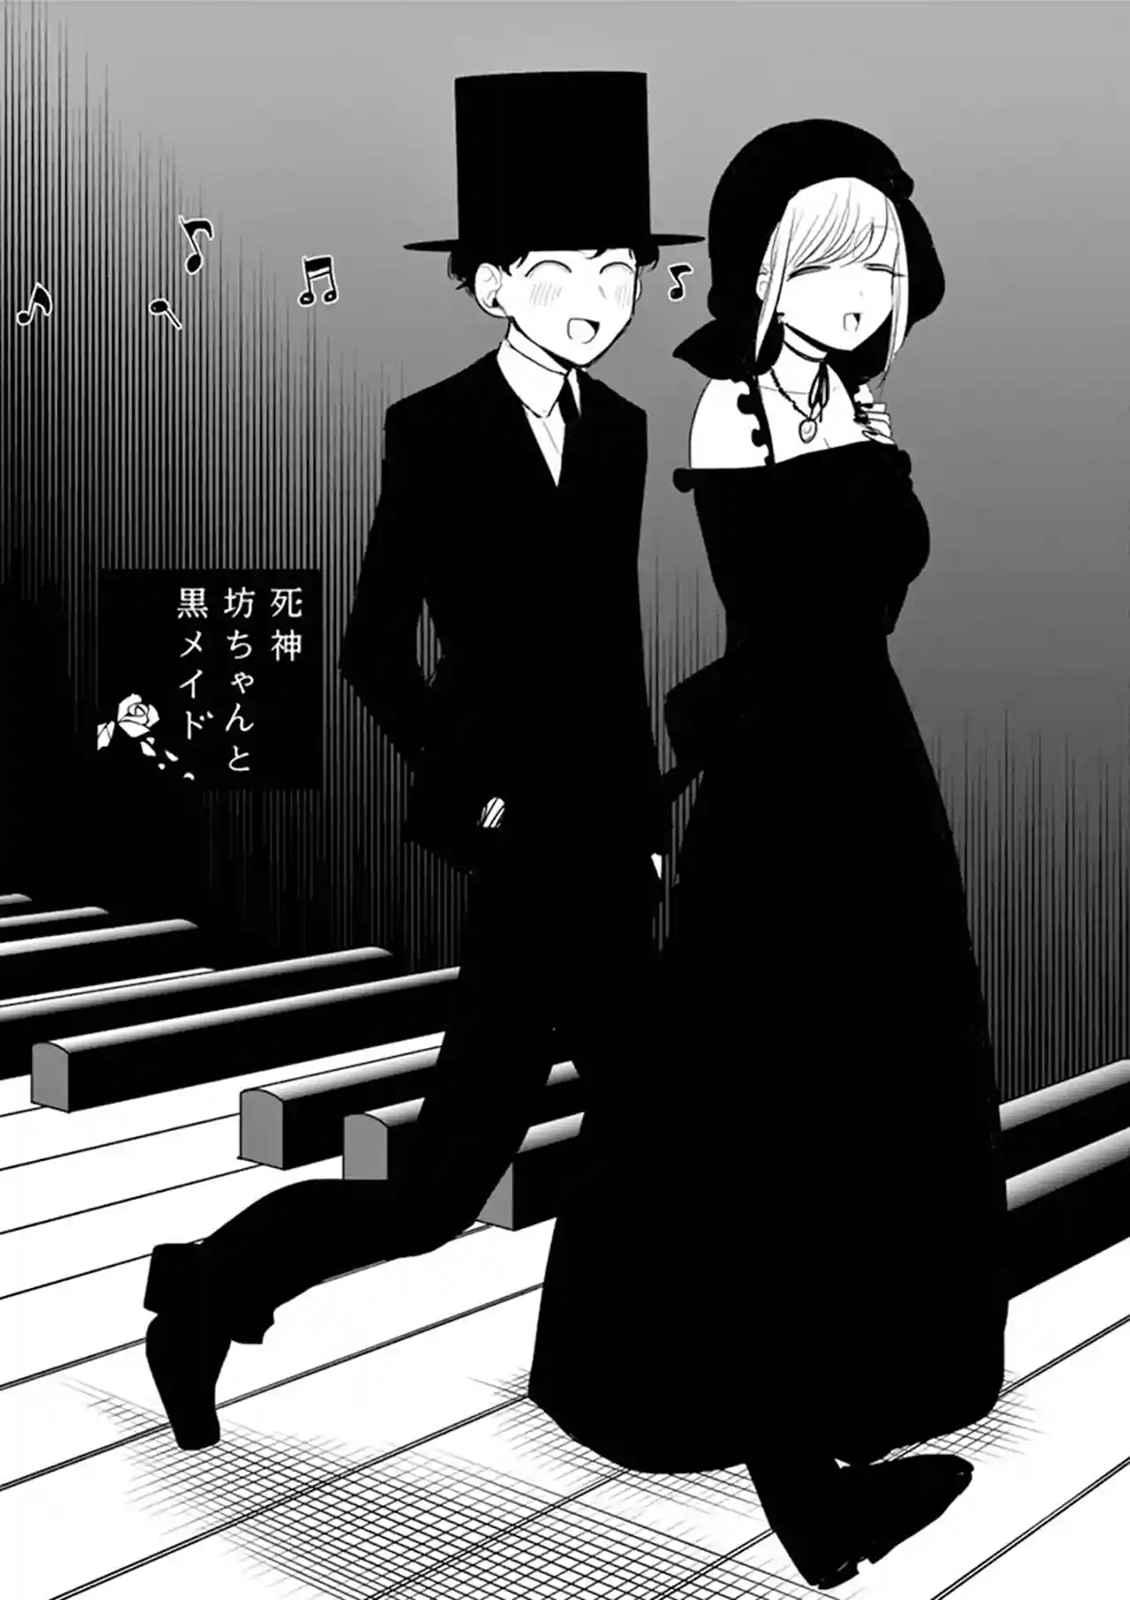 https://manga.mangadogs.com/comics/pic2/41/20265/1362081/21445b7069345a1a850ee2daacfd5d8e.jpg Page 1